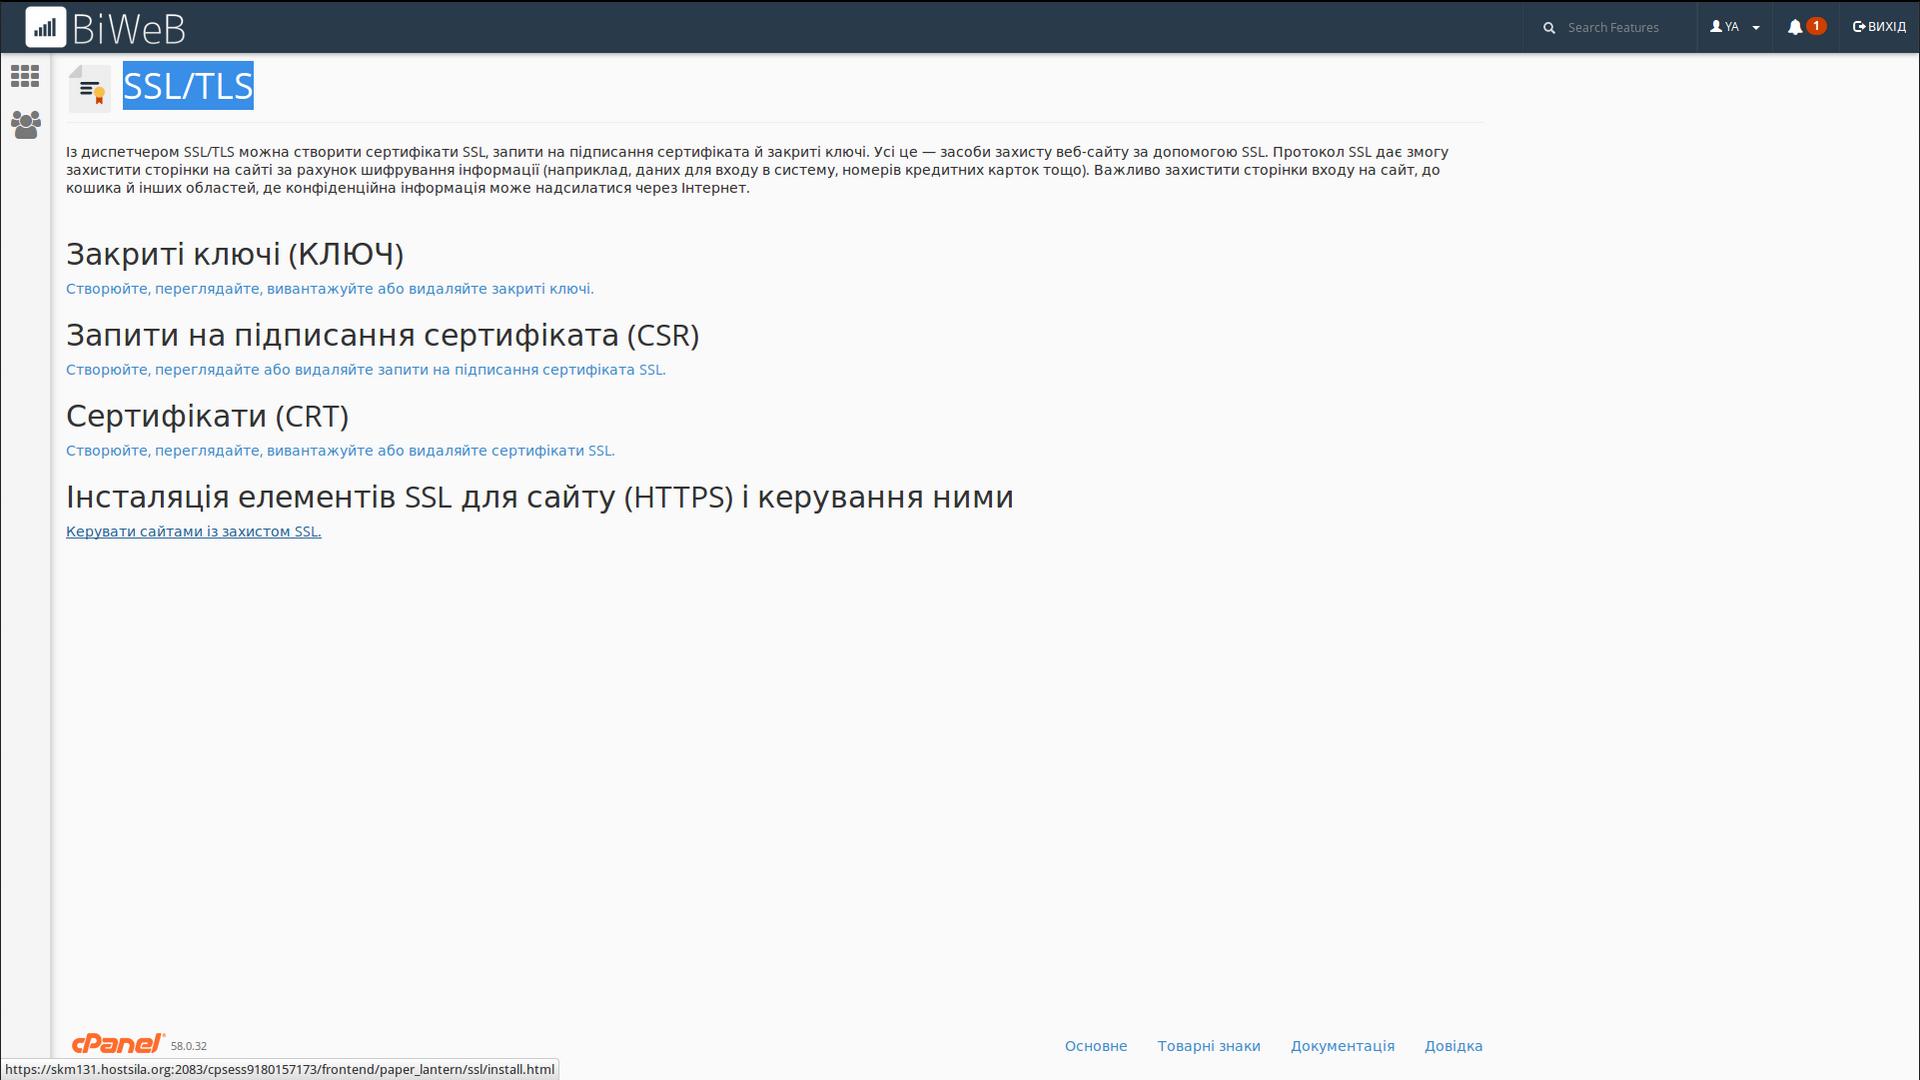 Как защитить абсолютно всё при помощи одного лишь ssl-сертификата